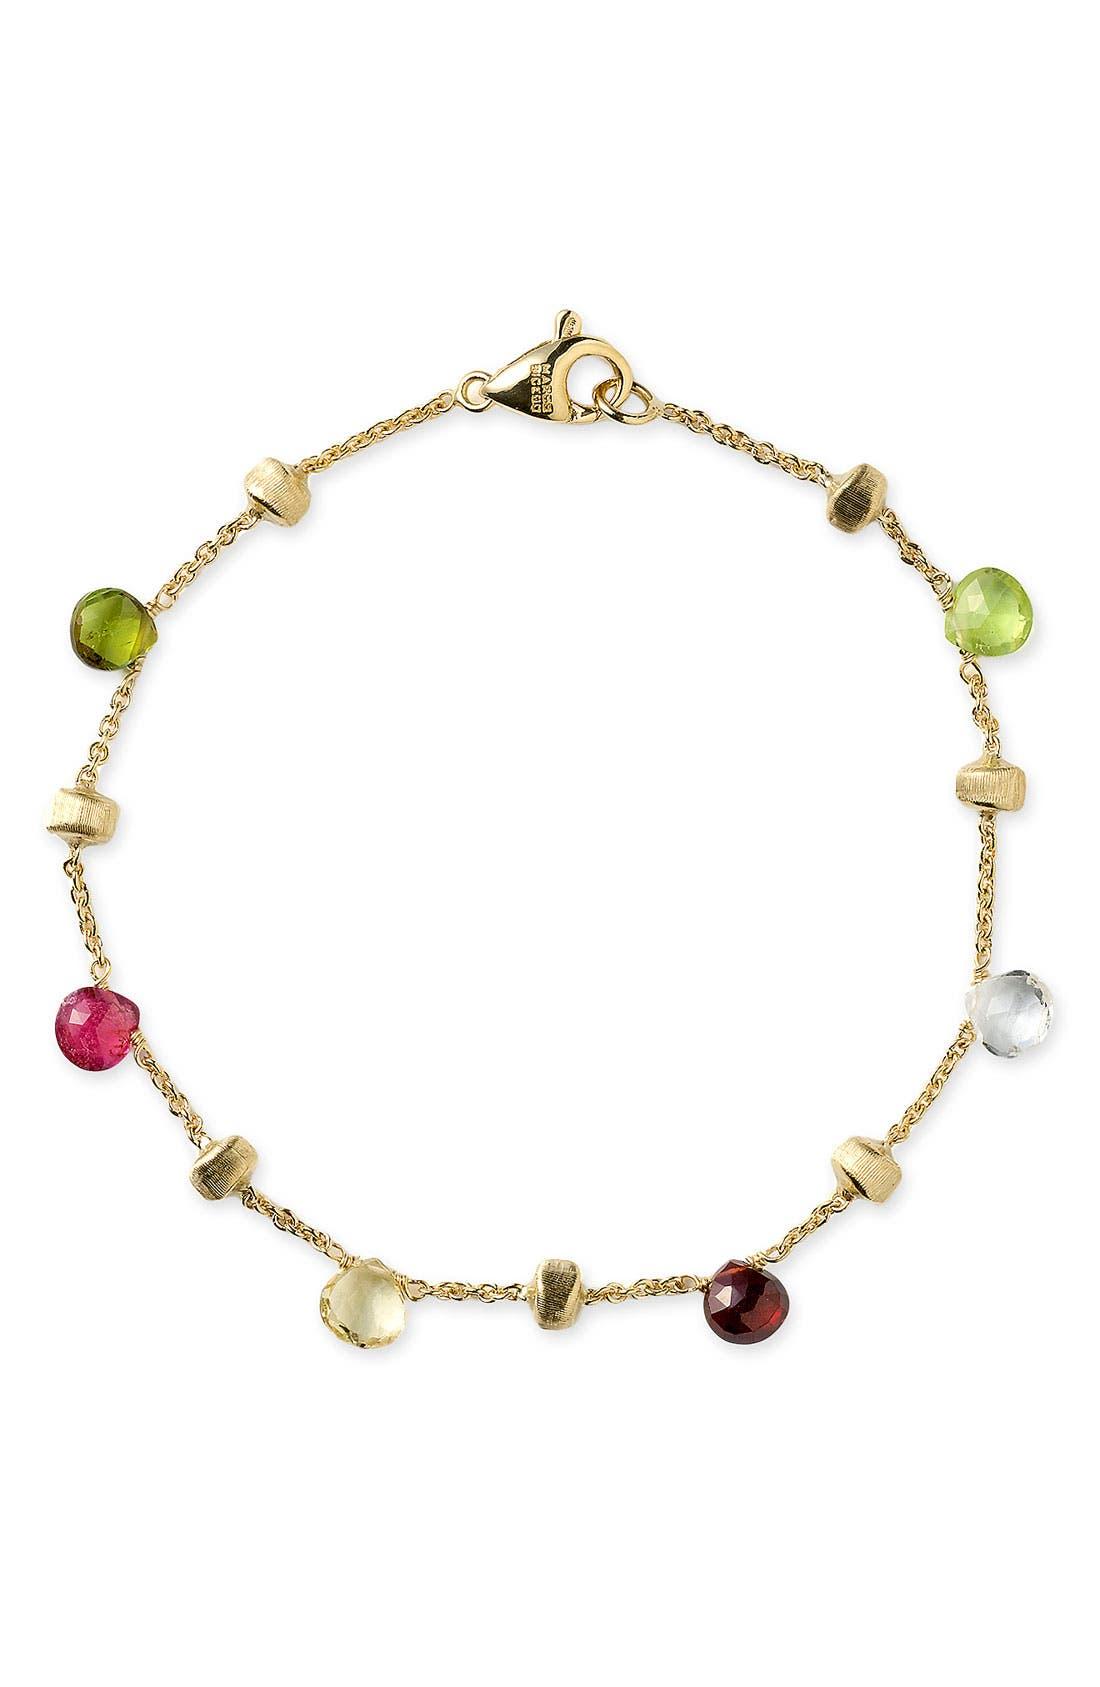 Marco Bicego 'Paradise' Single Strand Bracelet